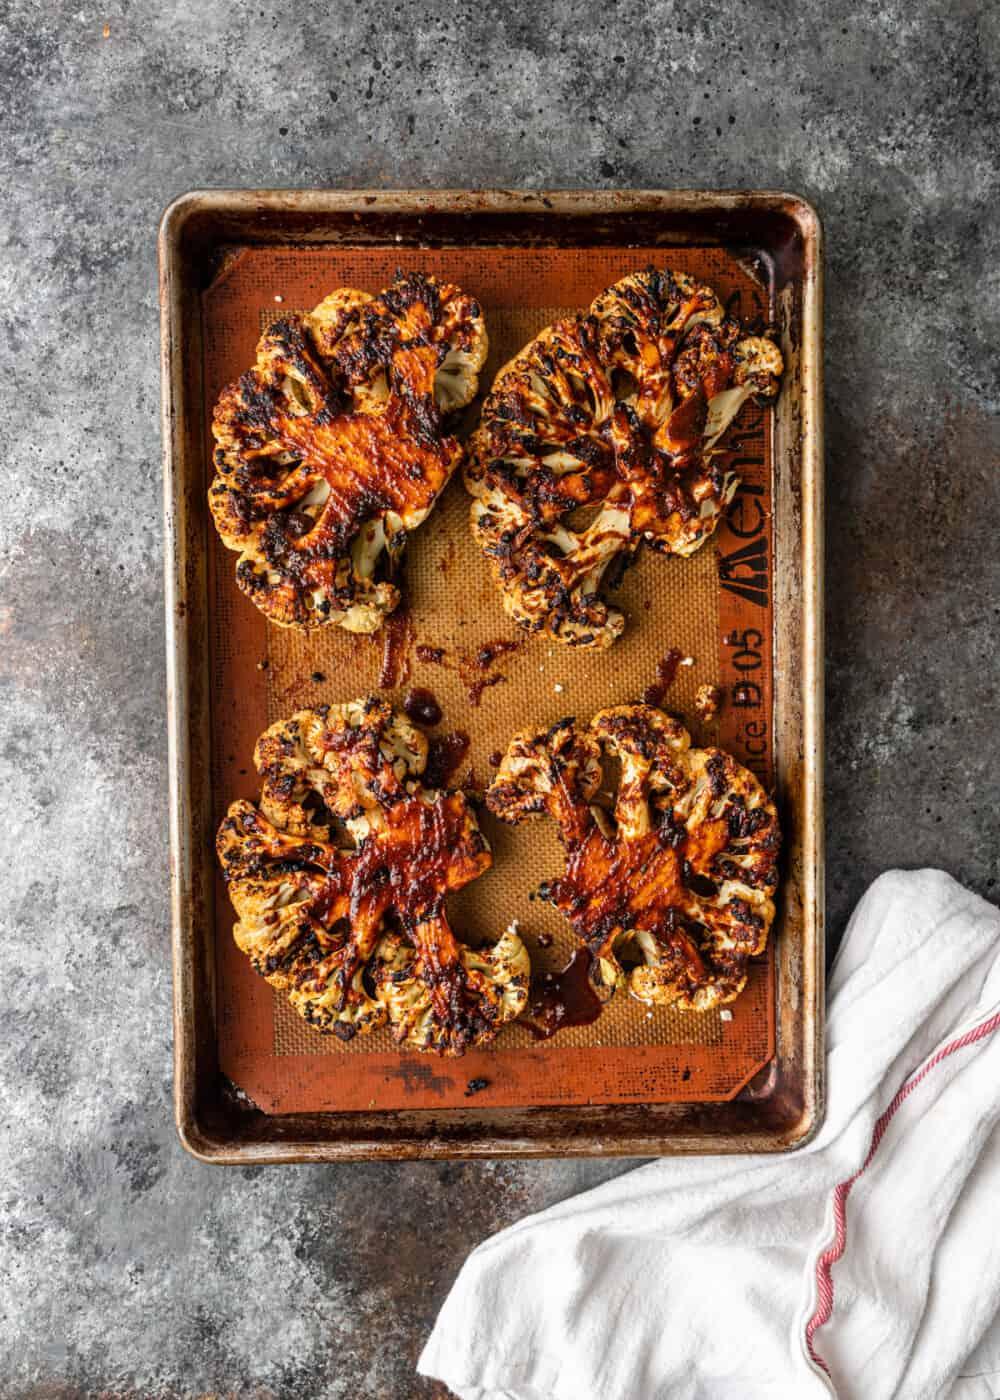 golden roasted cauliflower on baking pan